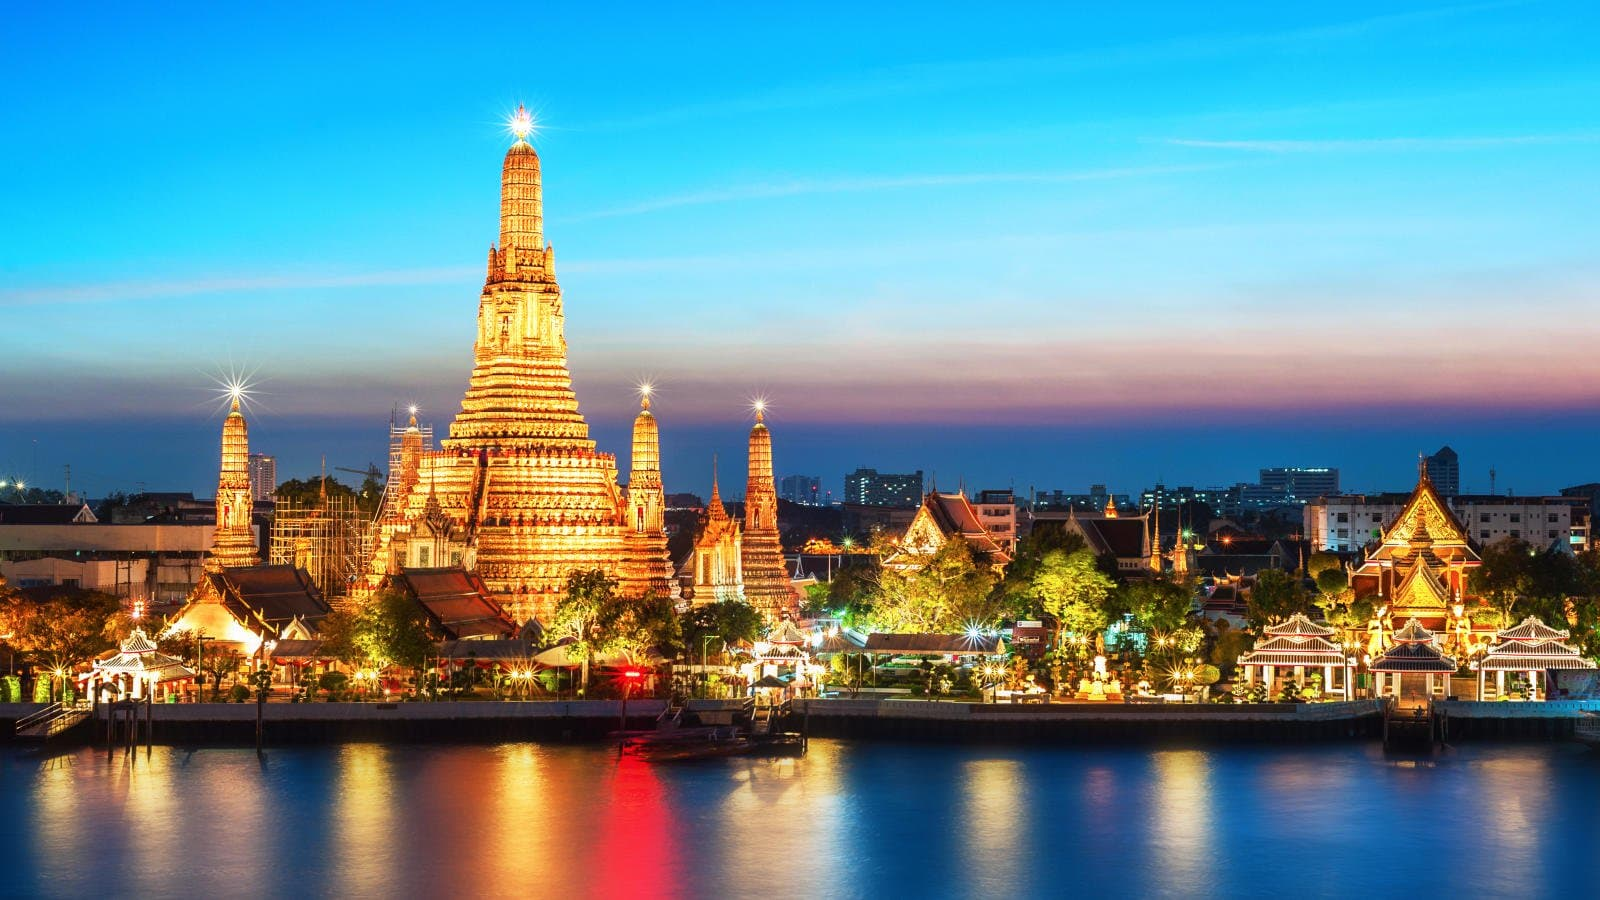 Tour du lịch Thái Lan 5 ngày 4 đêm: Bangkok - Pattaya - Safari